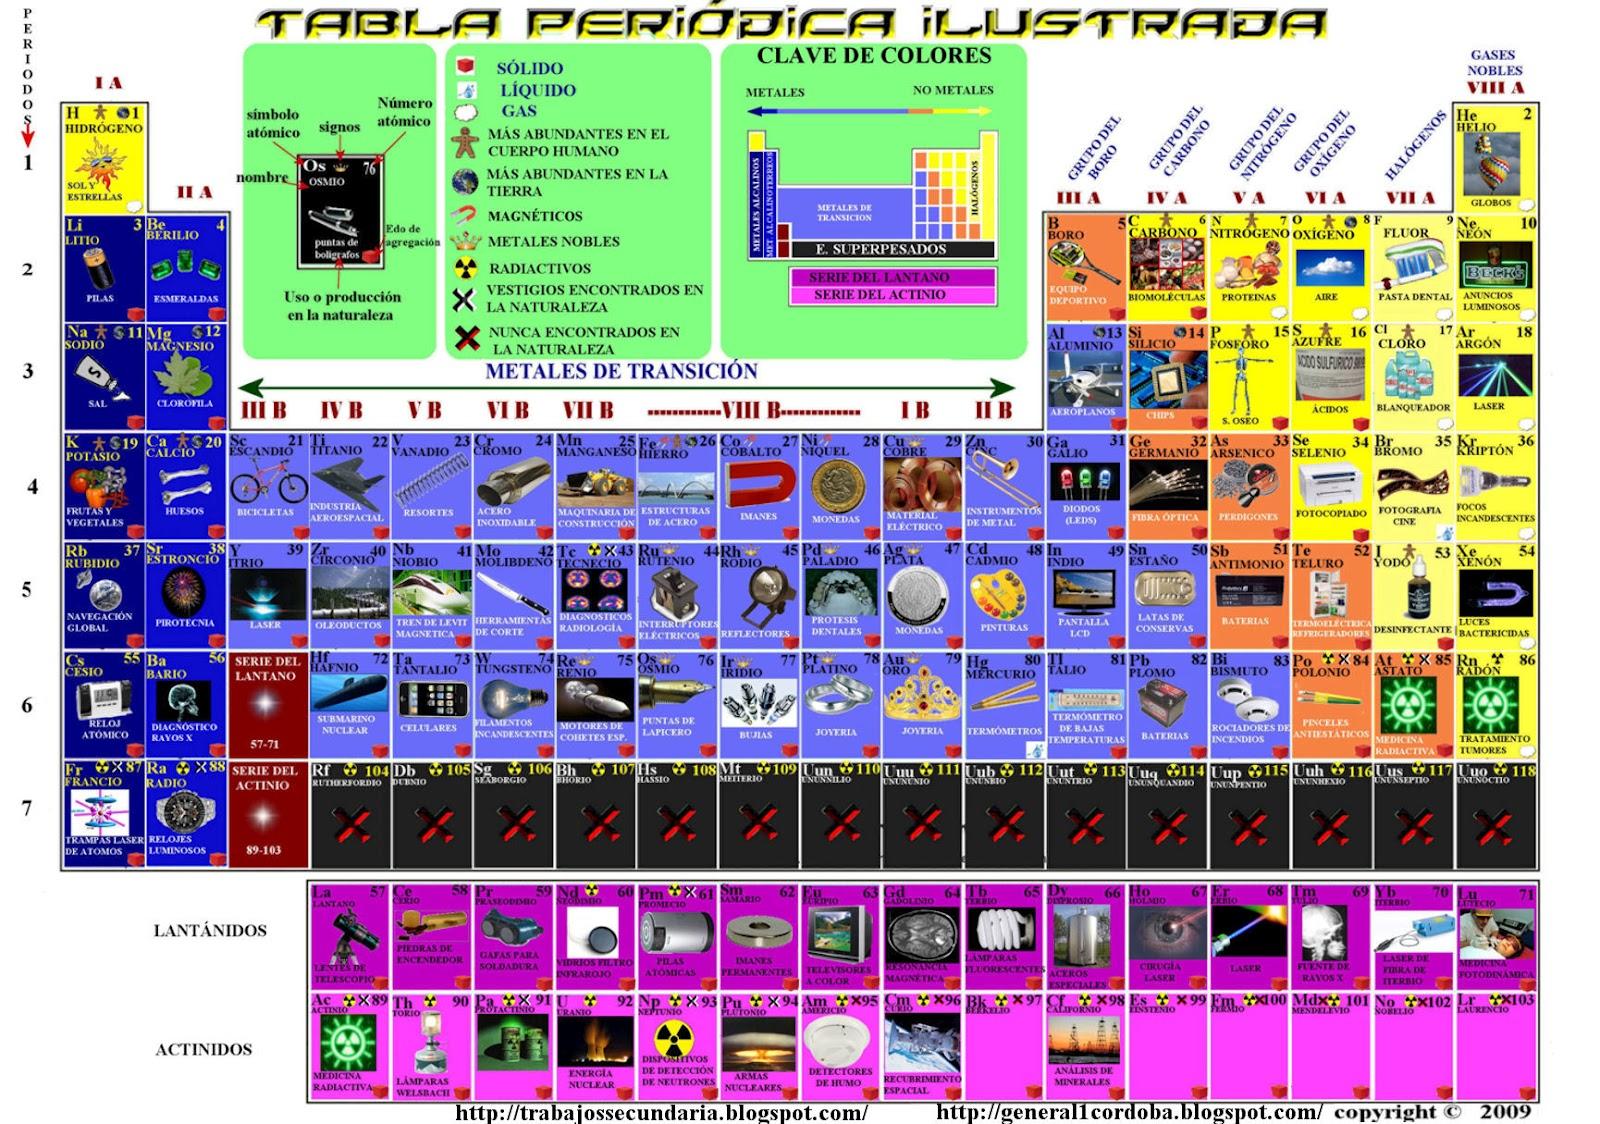 Ciencias naturales tabla peridica ilustrada 1 tabla peridica ilustrada 1 urtaz Choice Image